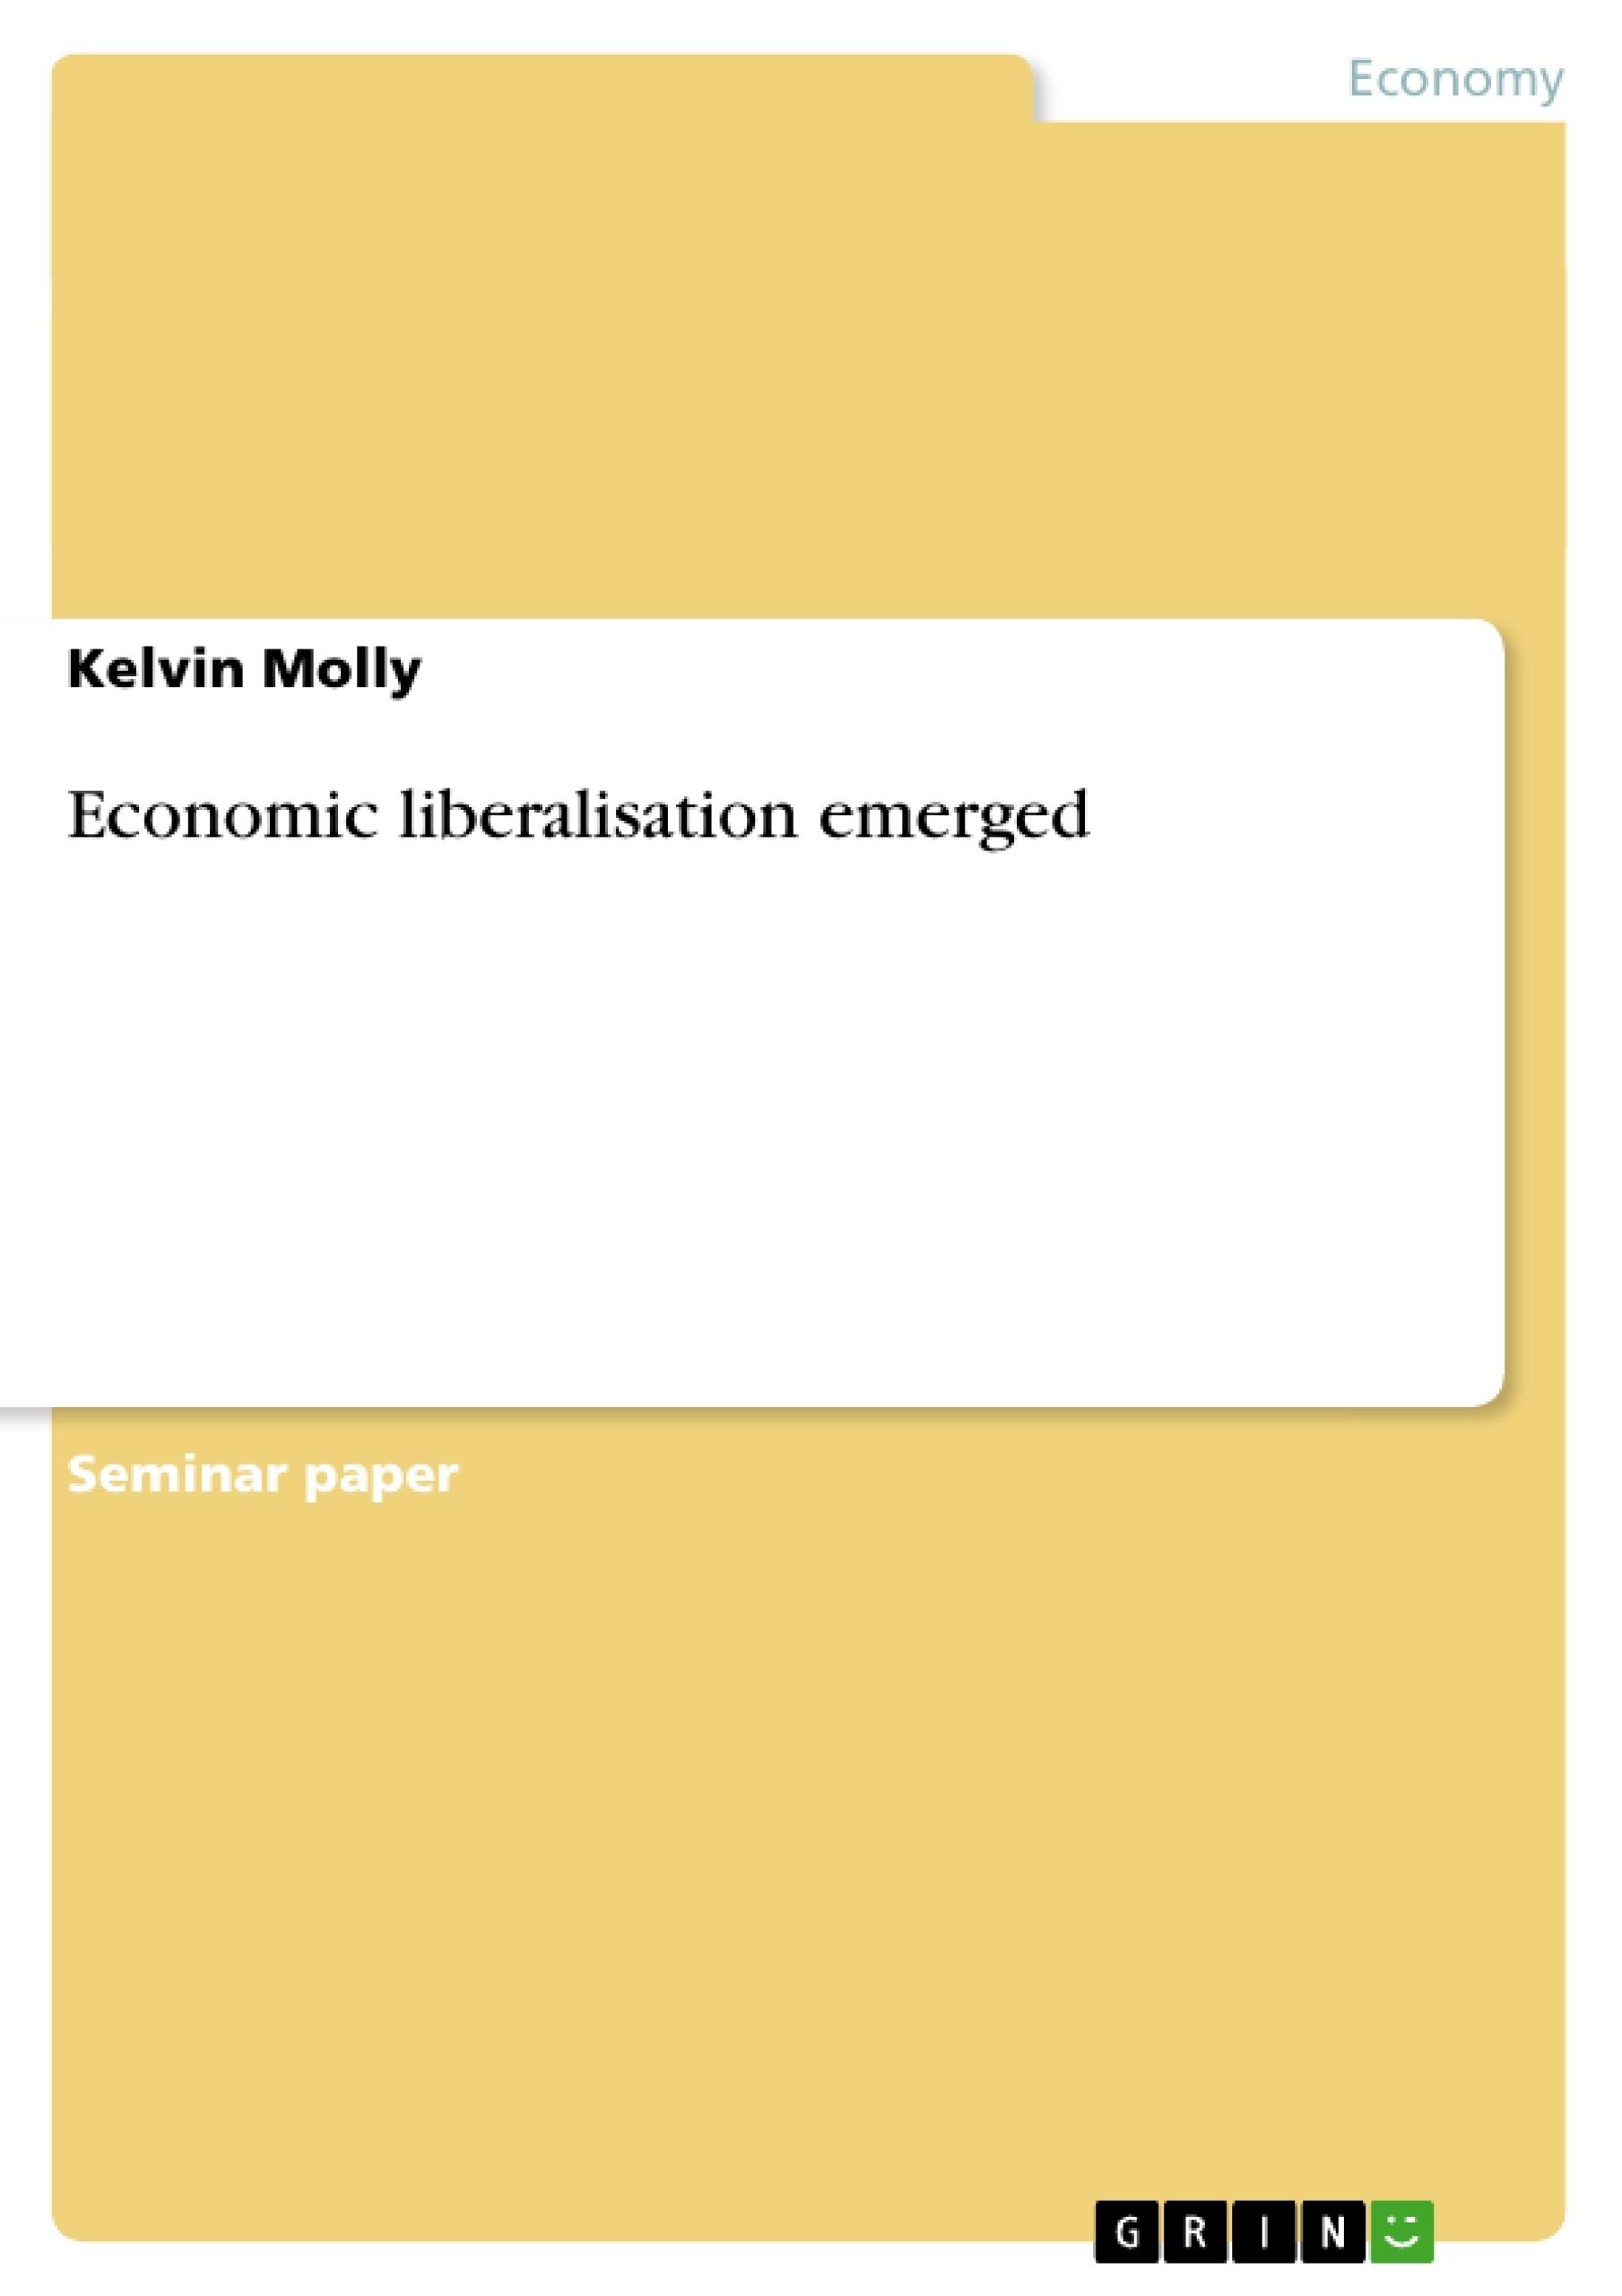 Title: Economic liberalisation emerged